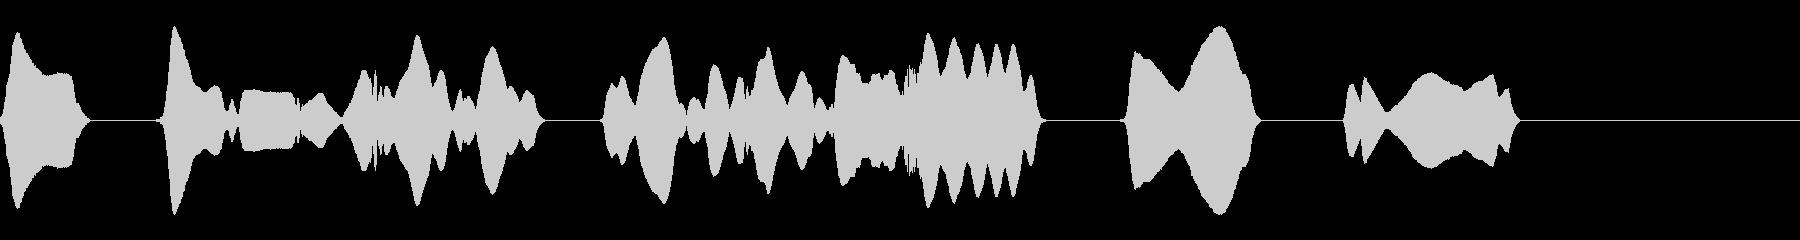 ヘタウマリコーダーのみのジングルの未再生の波形